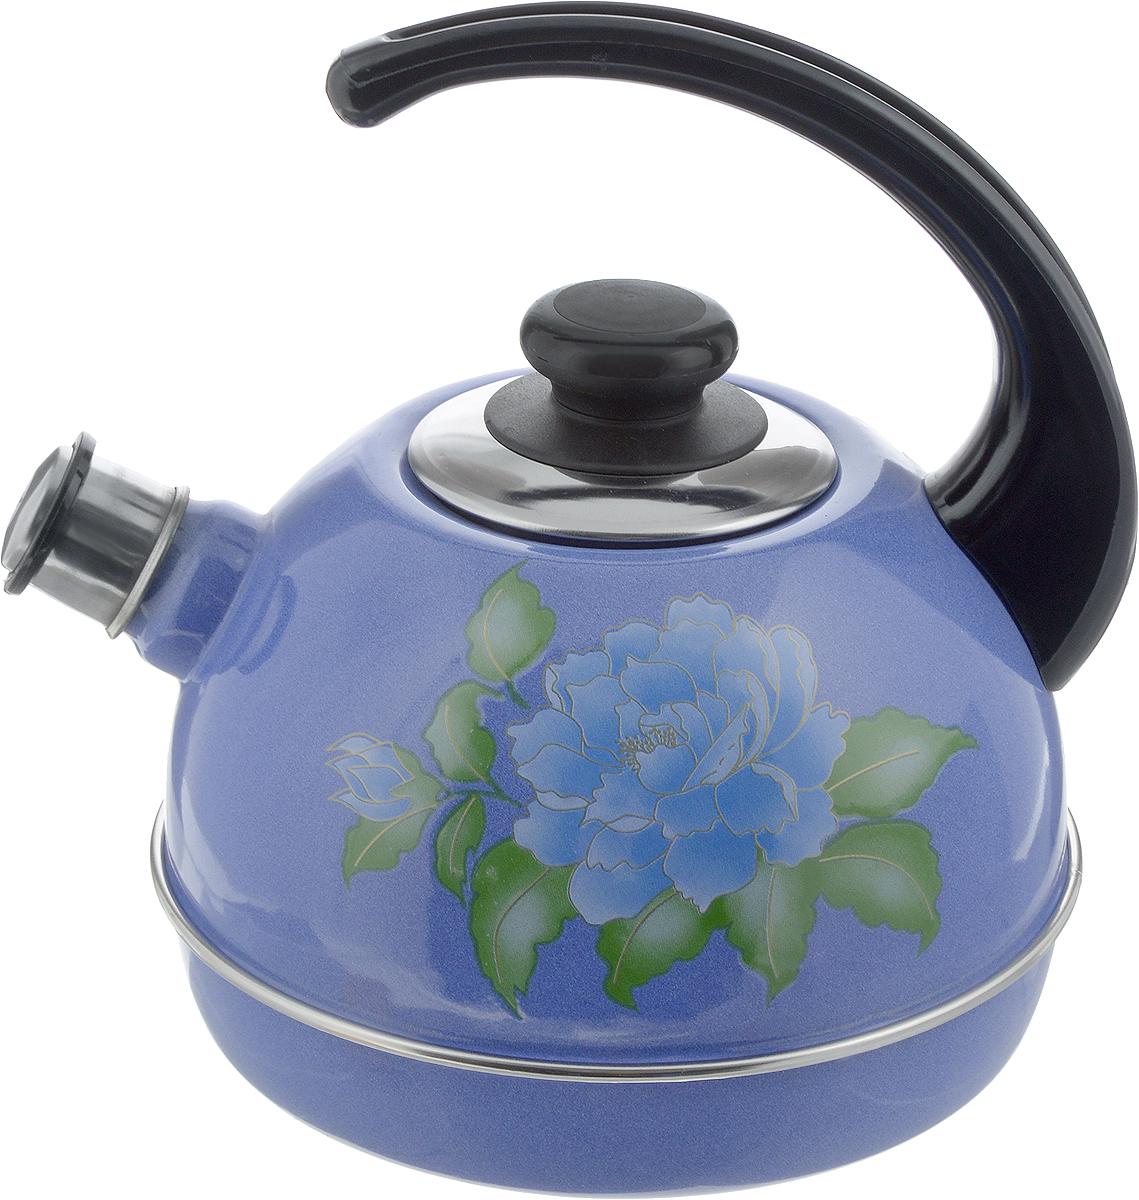 Чайник эмалированный Рубин Орхидея, со свистком, 3,5 лT04/35/08/13Чайник Рубин Орхидея выполнен из высококачественного стального проката, что обеспечивает долговечность использования. Внешнее трехслойное эмалевое покрытие Mefrit не вступает во взаимодействие с пищевыми продуктами. Такое покрытие защищает сталь от коррозии, придает посуде гладкую стекловидную поверхность и надежно защищает от кислот и щелочей. Чайник оснащен фиксированной ручкой из пластика и крышкой, которая плотно прилегает к краю. Носик чайника оснащен съемным свистком, звуковой сигнал которого подскажет, когда закипит вода. Можно мыть в посудомоечной машине. Пригоден для всех видов плит, включая индукционные. Высота чайника (с учетом ручки): 24 см. Высота чайника (без учета крышки и ручки): 14 см. Диаметр по верхнему краю: 8,7 см.